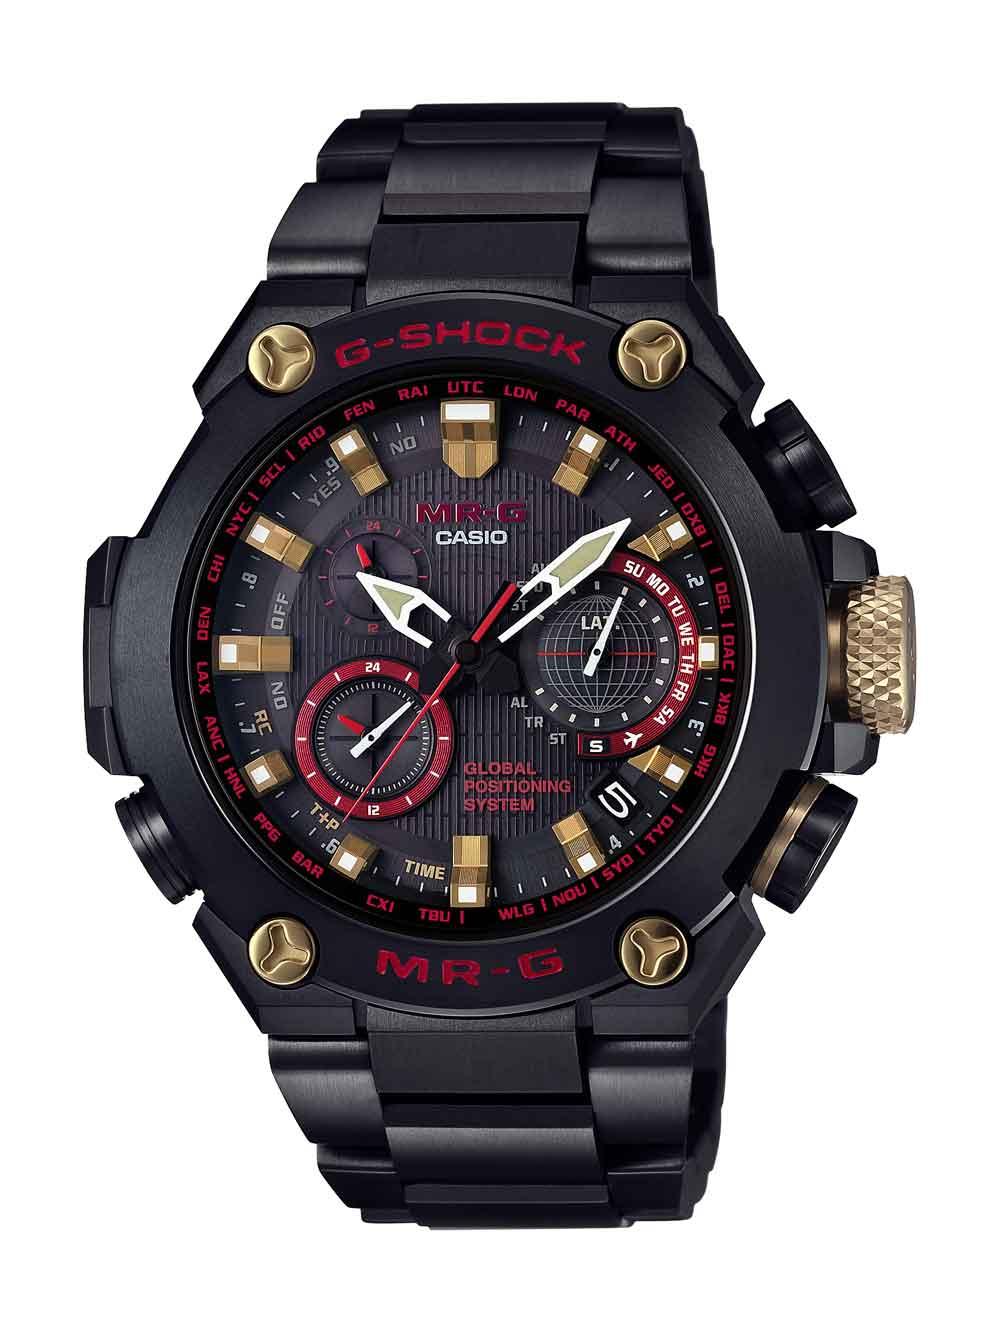 reloj MRG-G1000B-1A4 de la serie MR-G, la serie insignia de la firma G-SHOCK